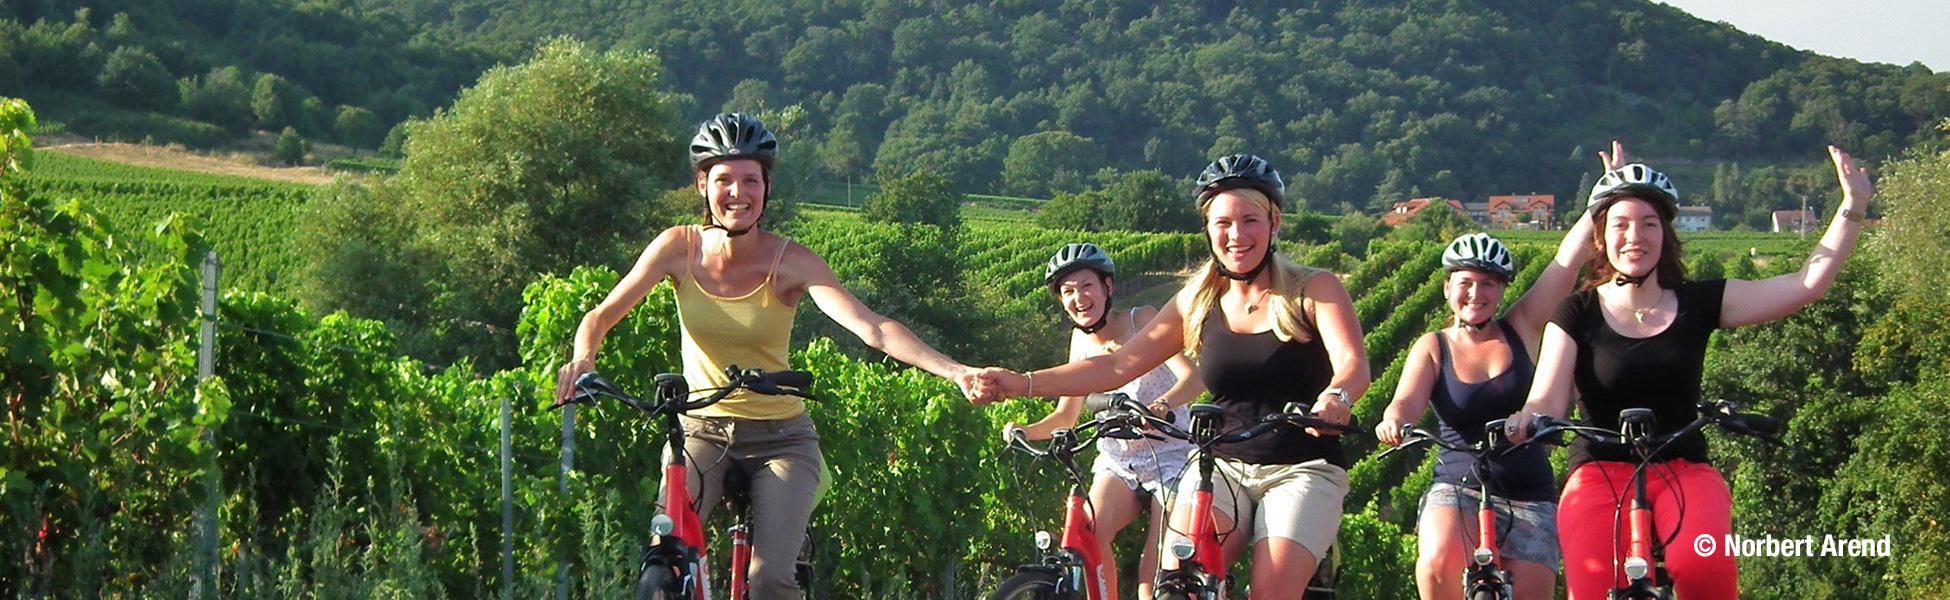 Weinprinzessinen auf unseren E-Bikes